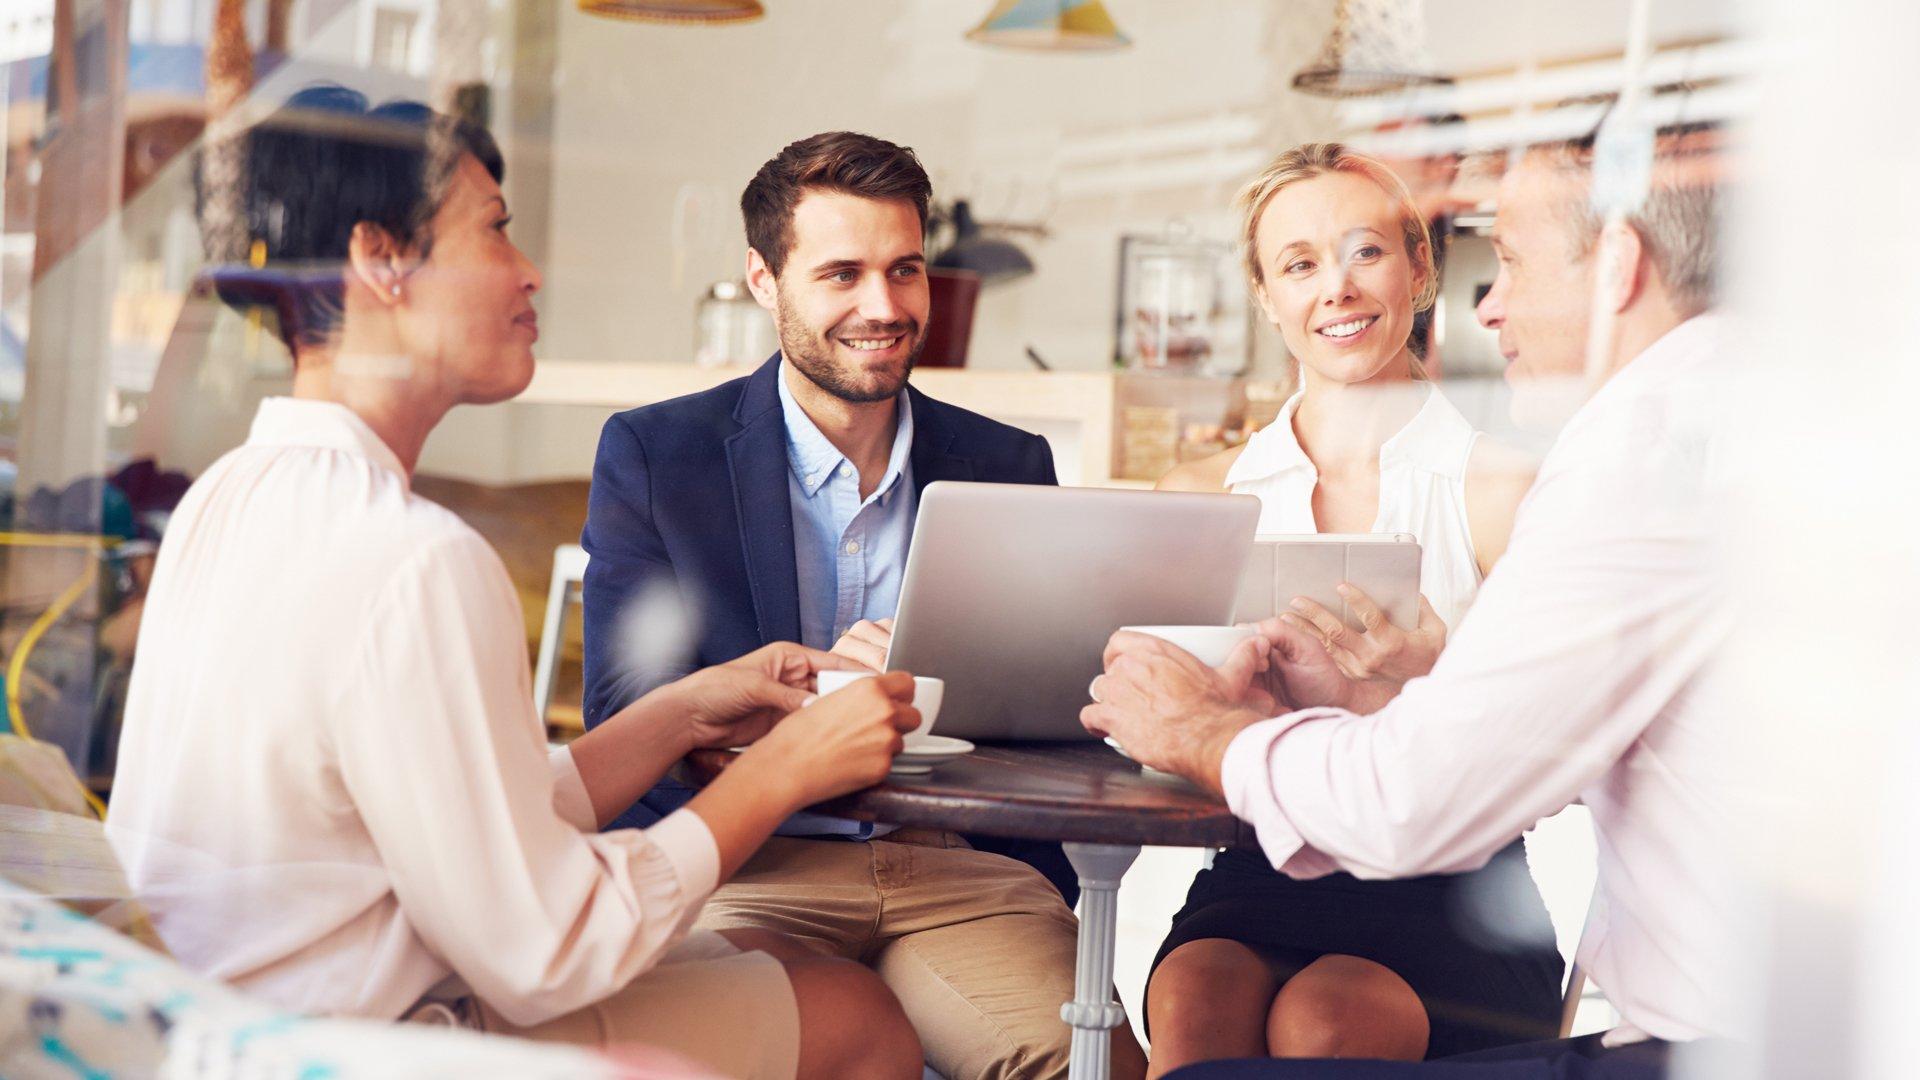 Puhumalla paras — miten urakeskustelut vaikuttavat liiketoiminnan menestykseen?